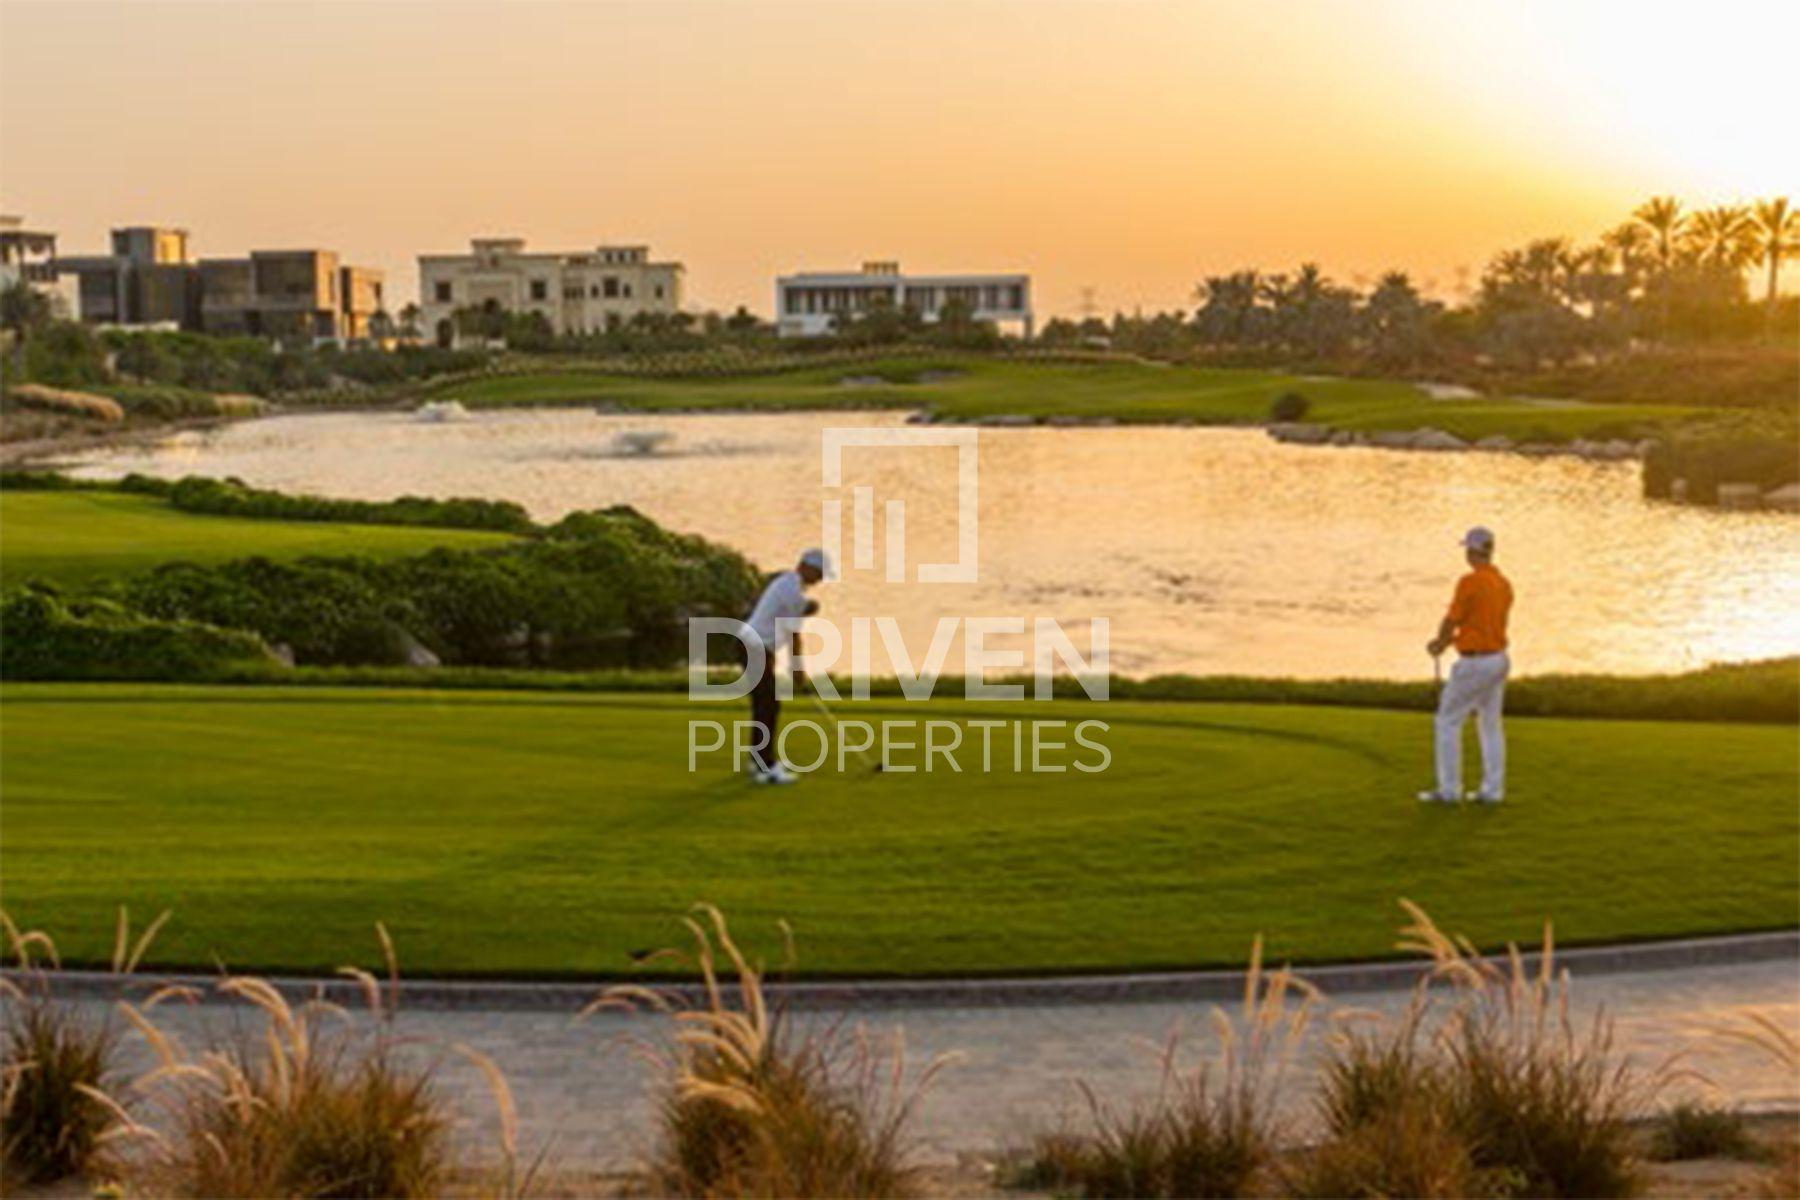 1,205 قدم مربع  شقة - للبيع - دبي هيلز استيت